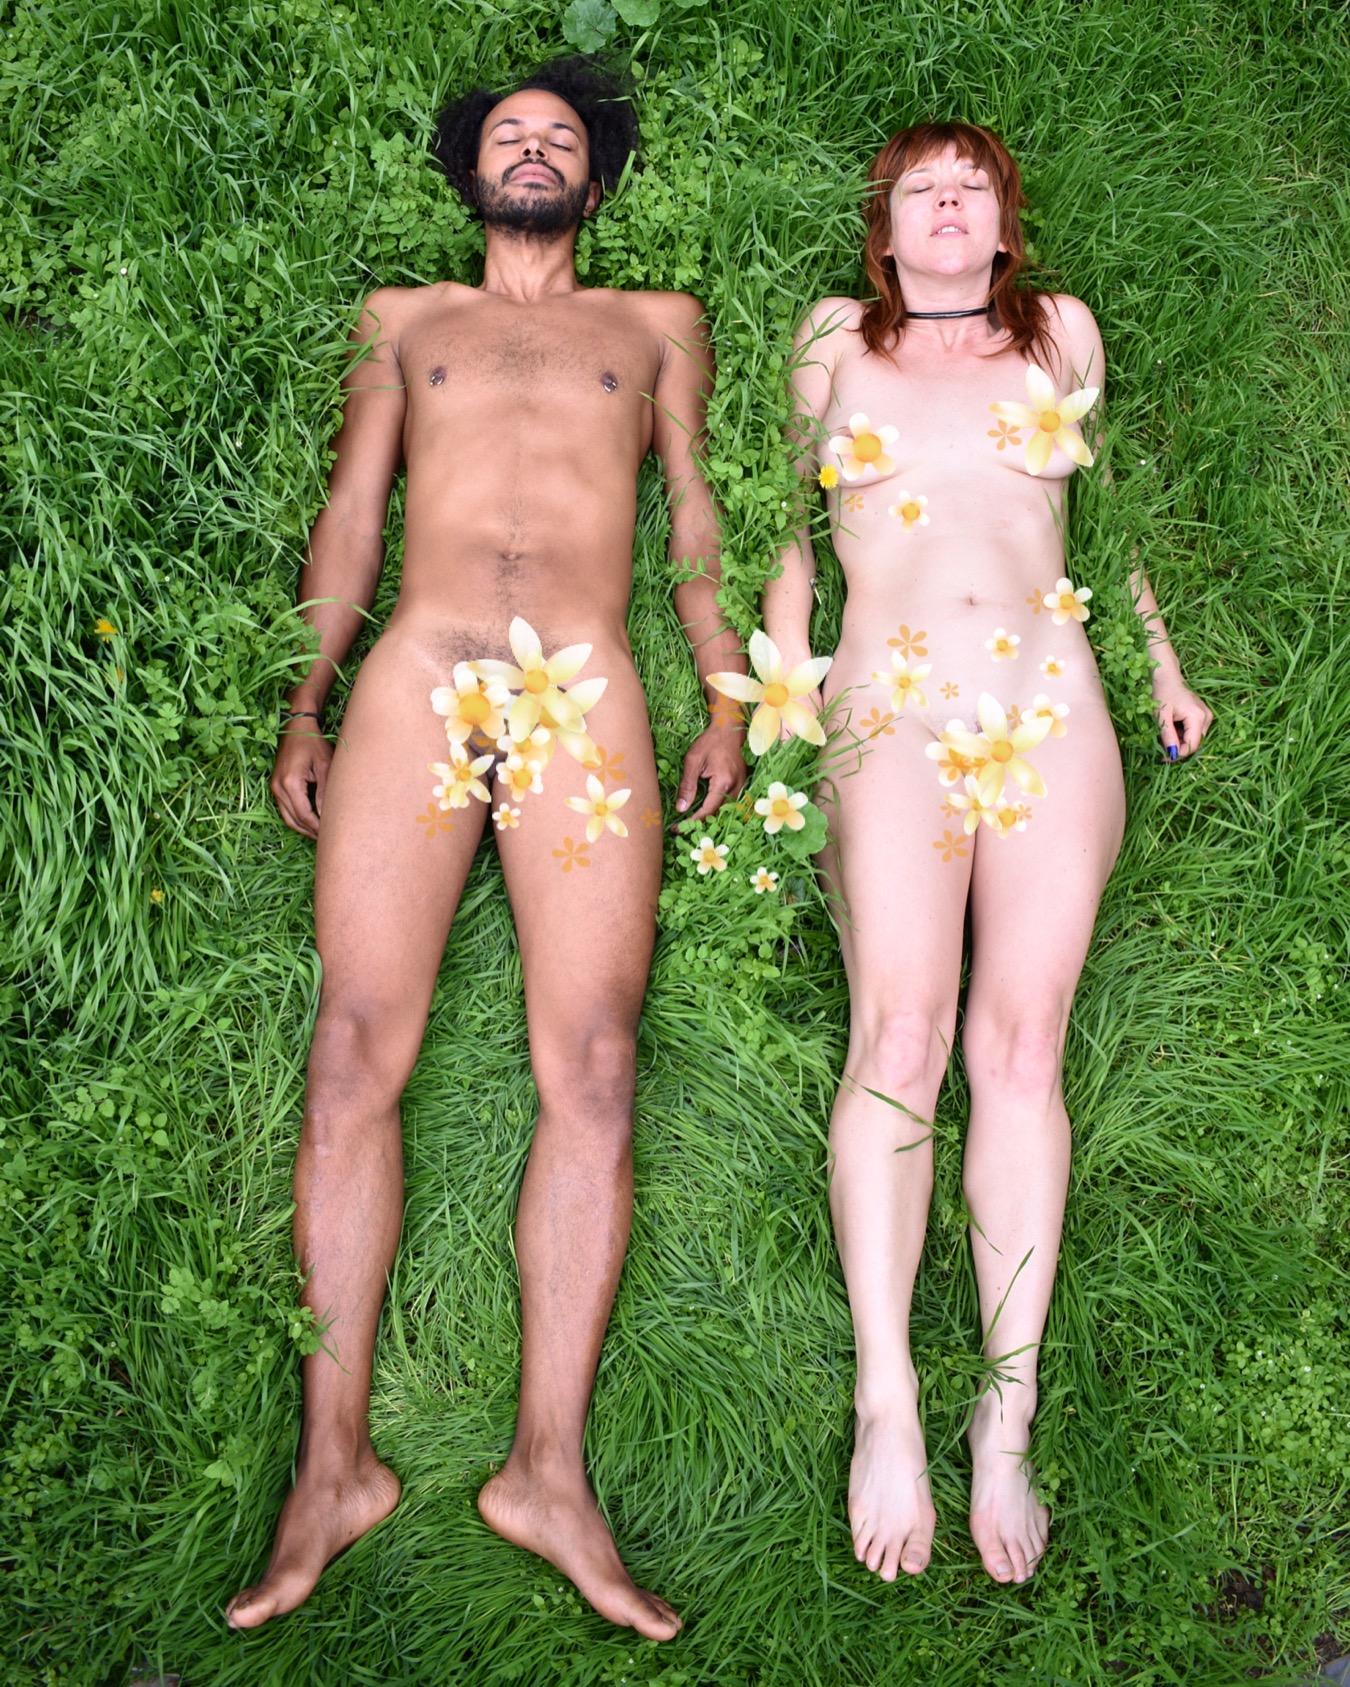 Themba and Genevieve (photo courtesy of Sacred Sadism)